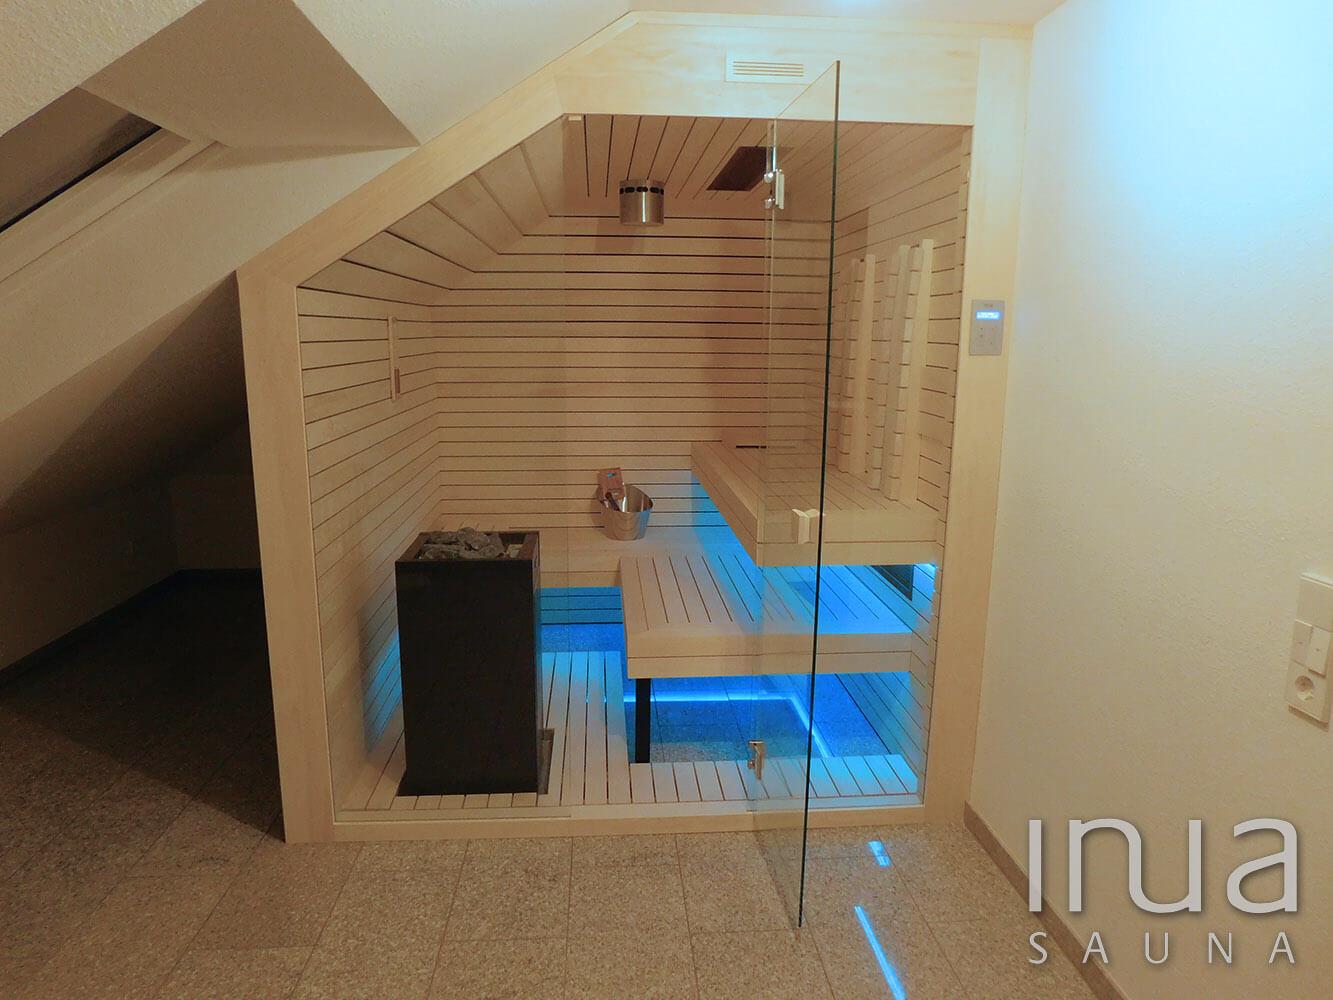 Egyedi beltéri kombinált szauna Inua panelrendszerrel, tetőtérbe. A szaunában helyet kapott egy sóionizátor is. | Inua Szauna Kft.